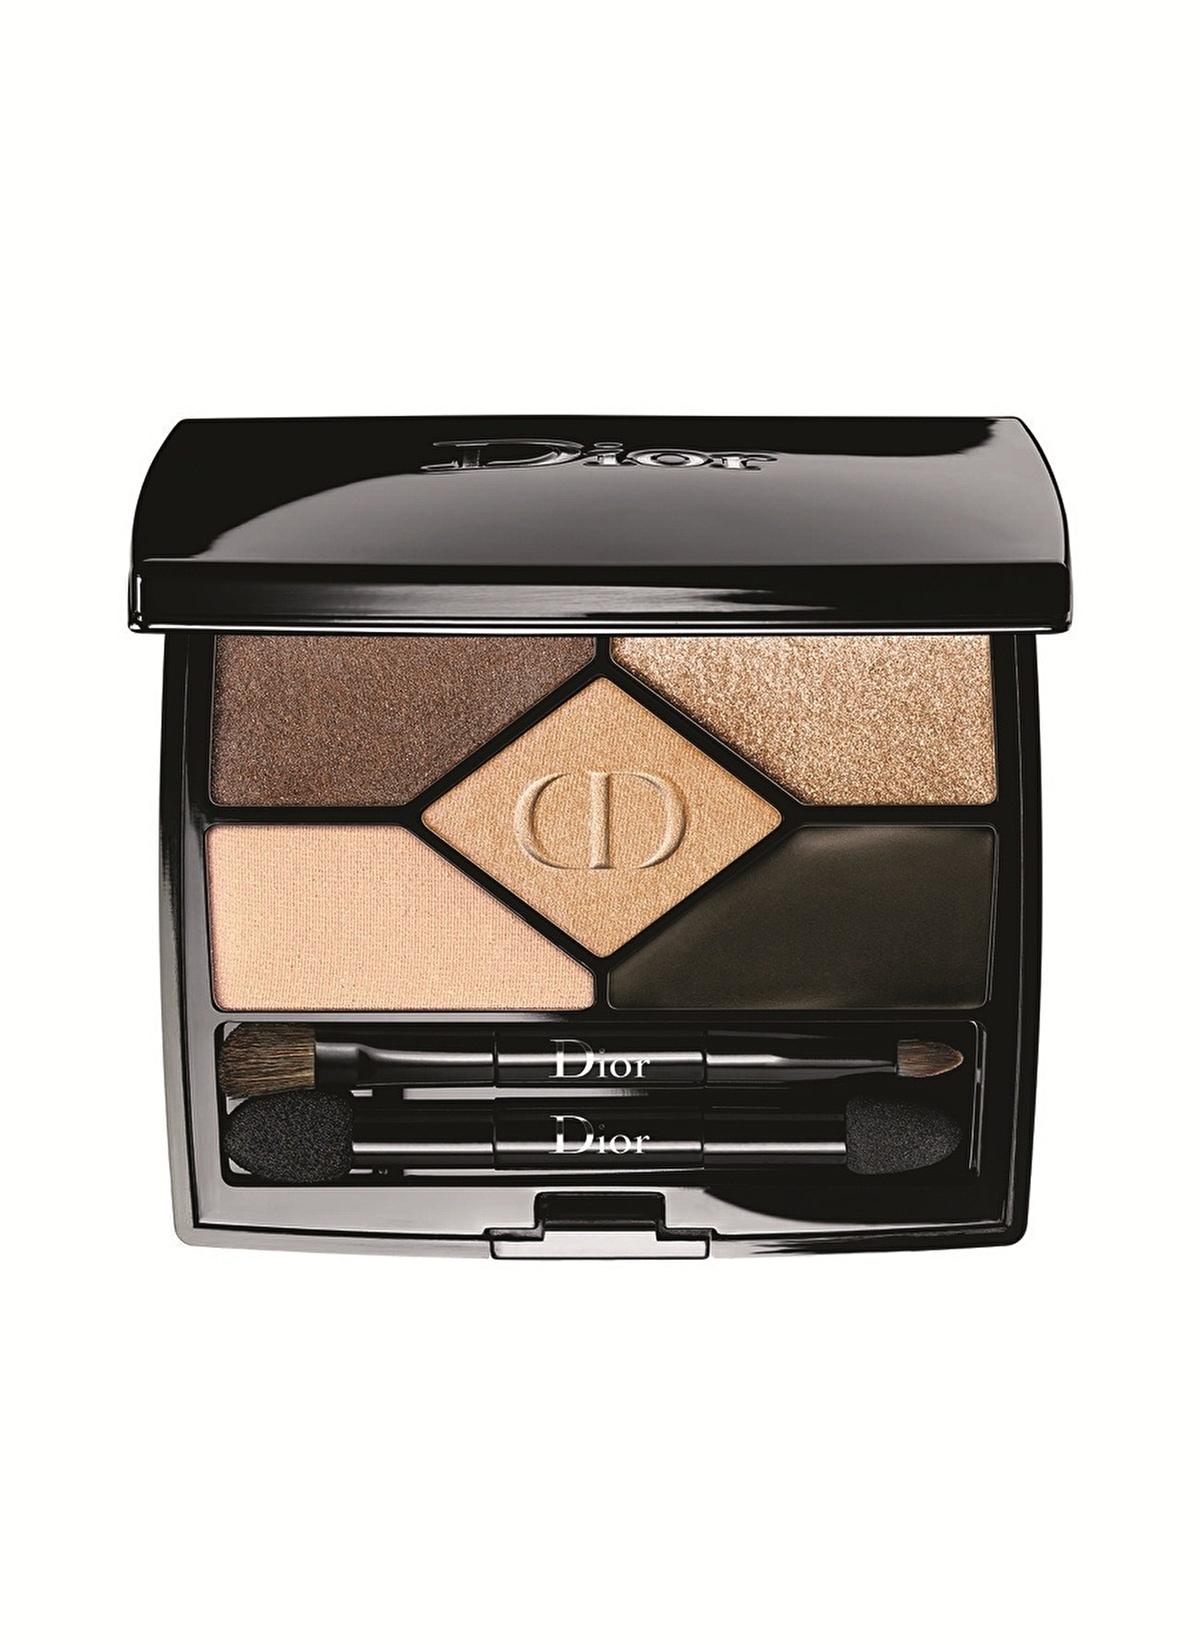 Dior Göz Farı Coul E – Shad 5c Des Dior Göz Farı – 455.0 TL